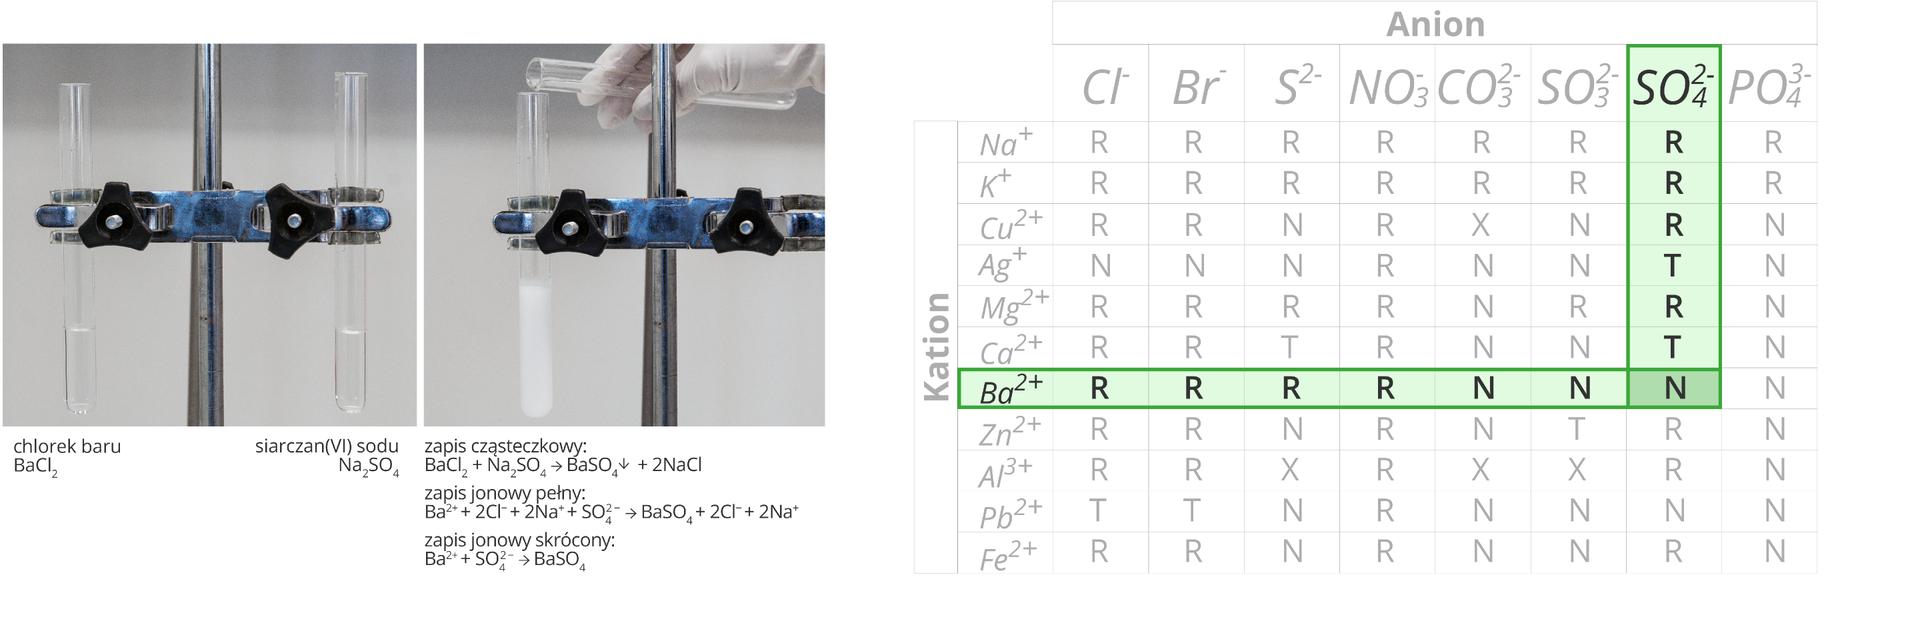 Ilustracja składa się zdwóch zdjęć oraz tabeli umieszczonych wjednym szeregu obok siebie. Zdjęcia dodatkowo zaopatrzone są wpodpisy. Pierwsze zdjęcie zlewej strony przedstawia dwie probówki unieruchomione wpodwójnej łapie statywu. Podpis pod lewą probówką informuje, że znajdującą się wniej bezbarwną cieczą jest roztwór chlorku baru owzorze BaCl2. Podpis pod prawą probówką informuje, że bezbarwna ciecz wewnątrz naczynia to roztwór siarczanu sześć sodu owzorze Na2SO4. Drugie zdjęcie przedstawia moment przelewania zawartości prawej probówki do lewej. Zachodzi reakcja wwyniku której wytrąca się biały osad. Poniżej zapis przebiegu tej reakcji wpostaci cząsteczkowej, jonowej pełnej ijonowej skróconej. Wynika znich, że wwyniku przereagowania chlorku baru zsiarczanem sześć sodu powstają siarczan sześć baru, który wytrąca się wpostaci osadu oraz dwa atomy chlorku sodu. Cechą szczególną tej akcji jest to, że biorą wniej udział tak naprawdę tylko wolne jony Ba dwa plus oraz SO4 dwa minus, które łącząc się ze sobą tworzą związek nierozpuszczalny wwodzie. Trzecia część ilustracji, zajmująca całą jej prawą stronę to znana zpoprzednich lekcji tabela rozpuszczalności zzaznaczonym na różowo wierszem dla kationu baru oraz kolumną dla anionu grupy siarczanowej sześć. Pole znajdujące się na skrzyżowaniu tego wiersza ikolumny informuje nas, że BaSO4 jest związkiem nierozpuszczalnym wwodzie.